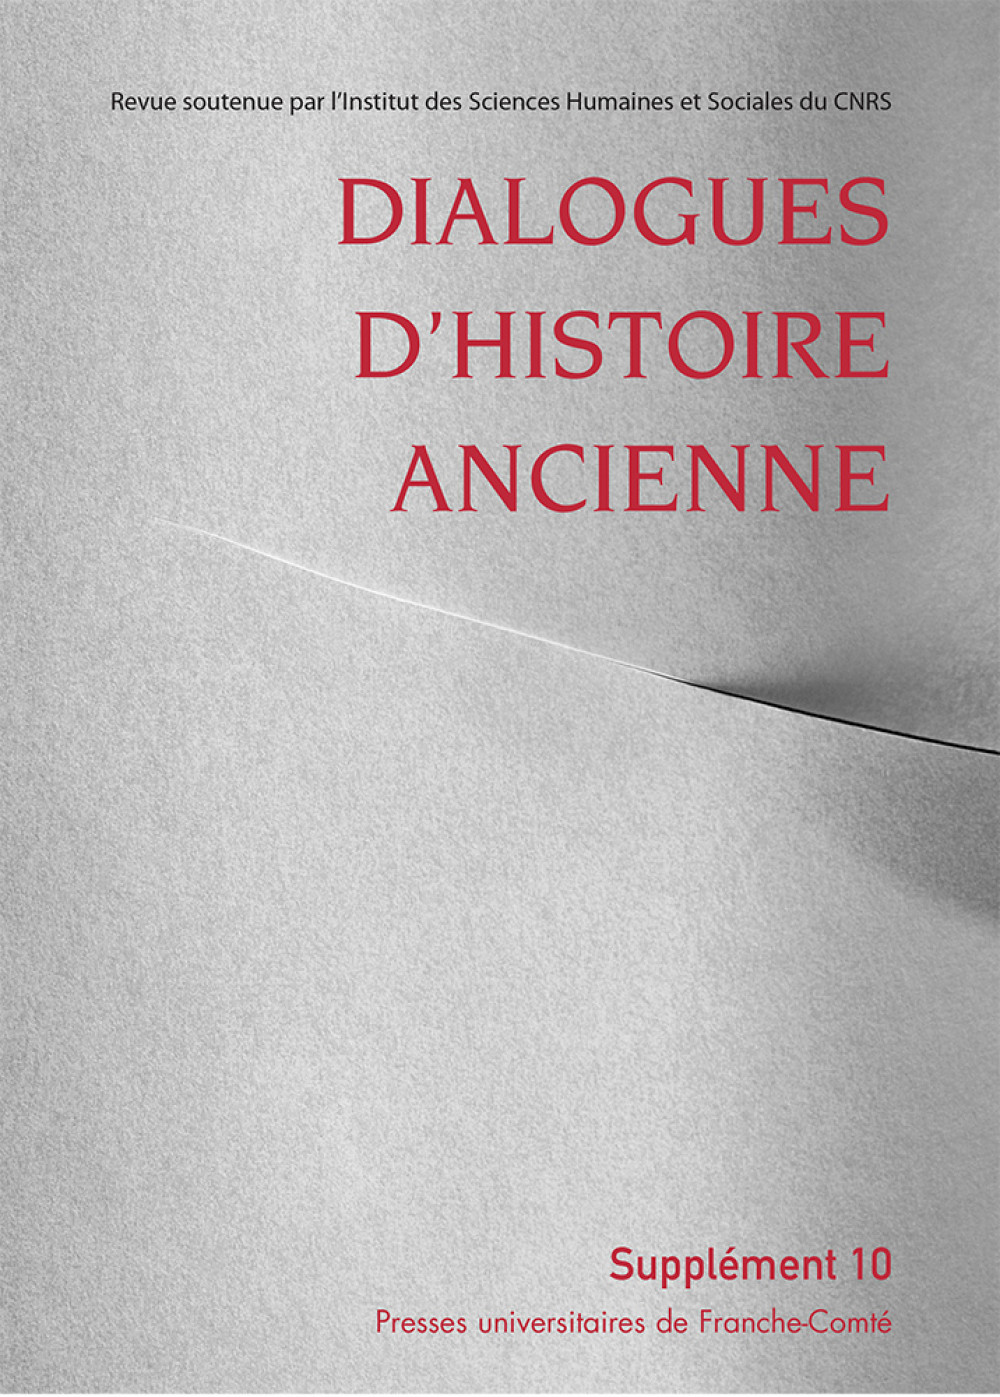 Dialogues d'Histoire Ancienne, supplément 10